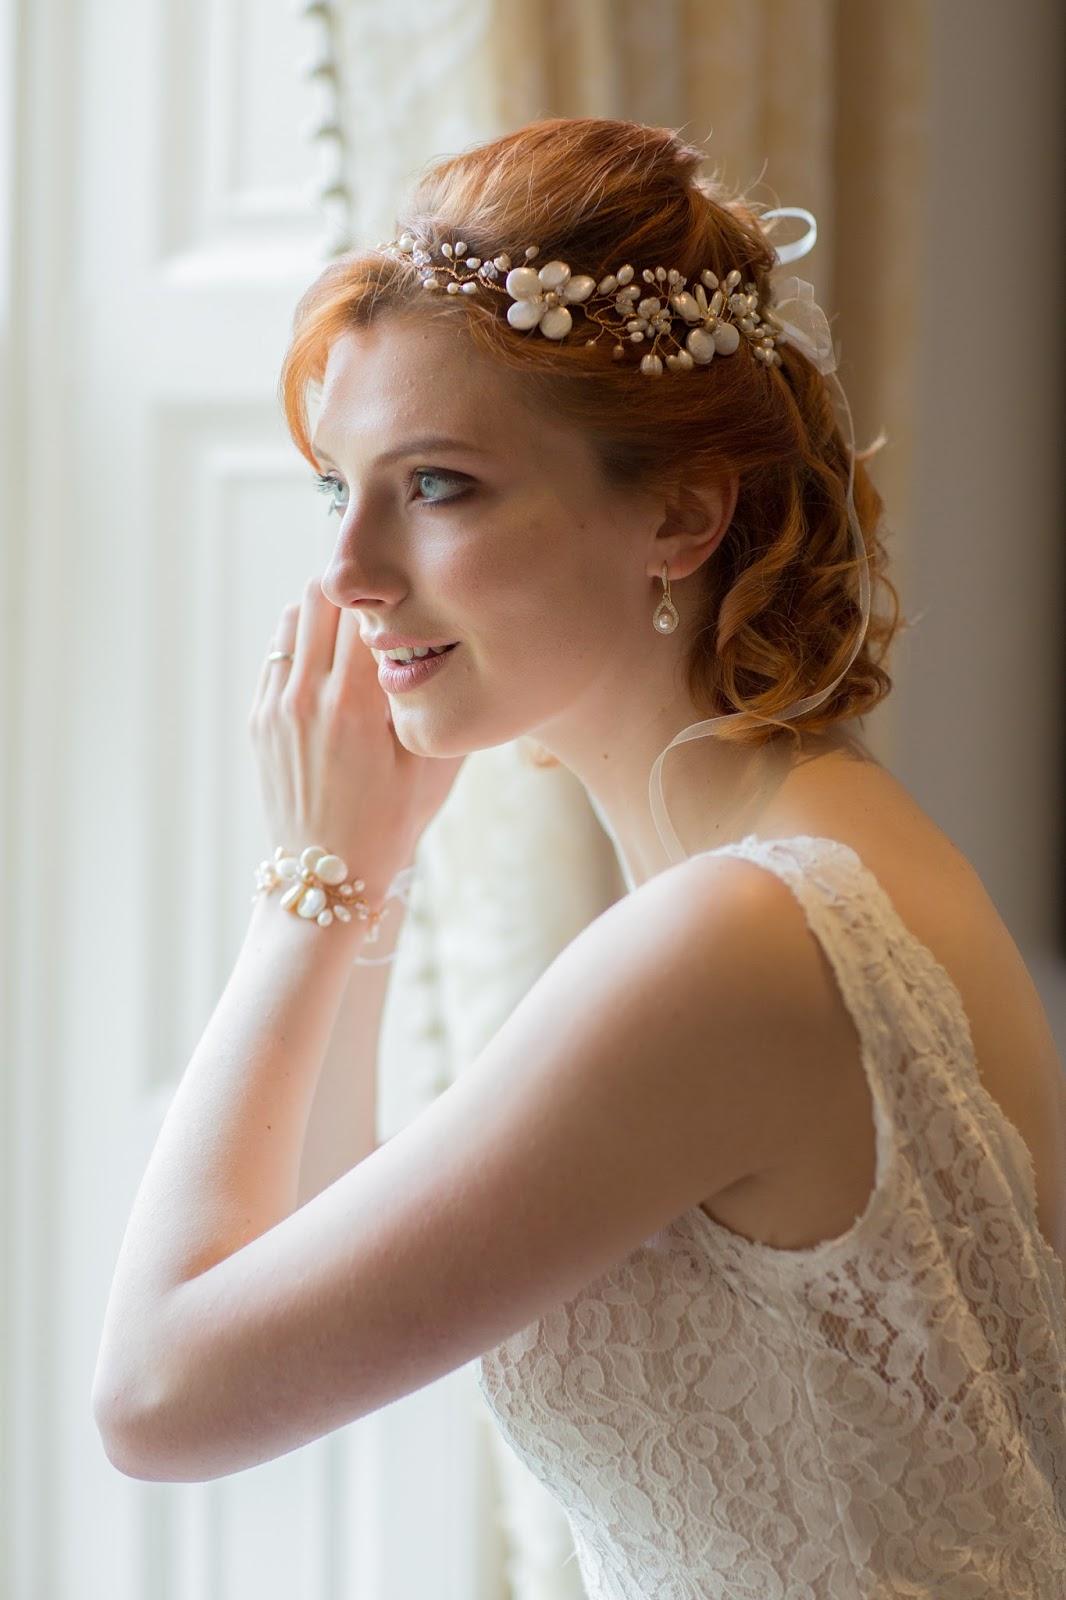 Bridal Hair Accessories Bristol | Fade Haircut